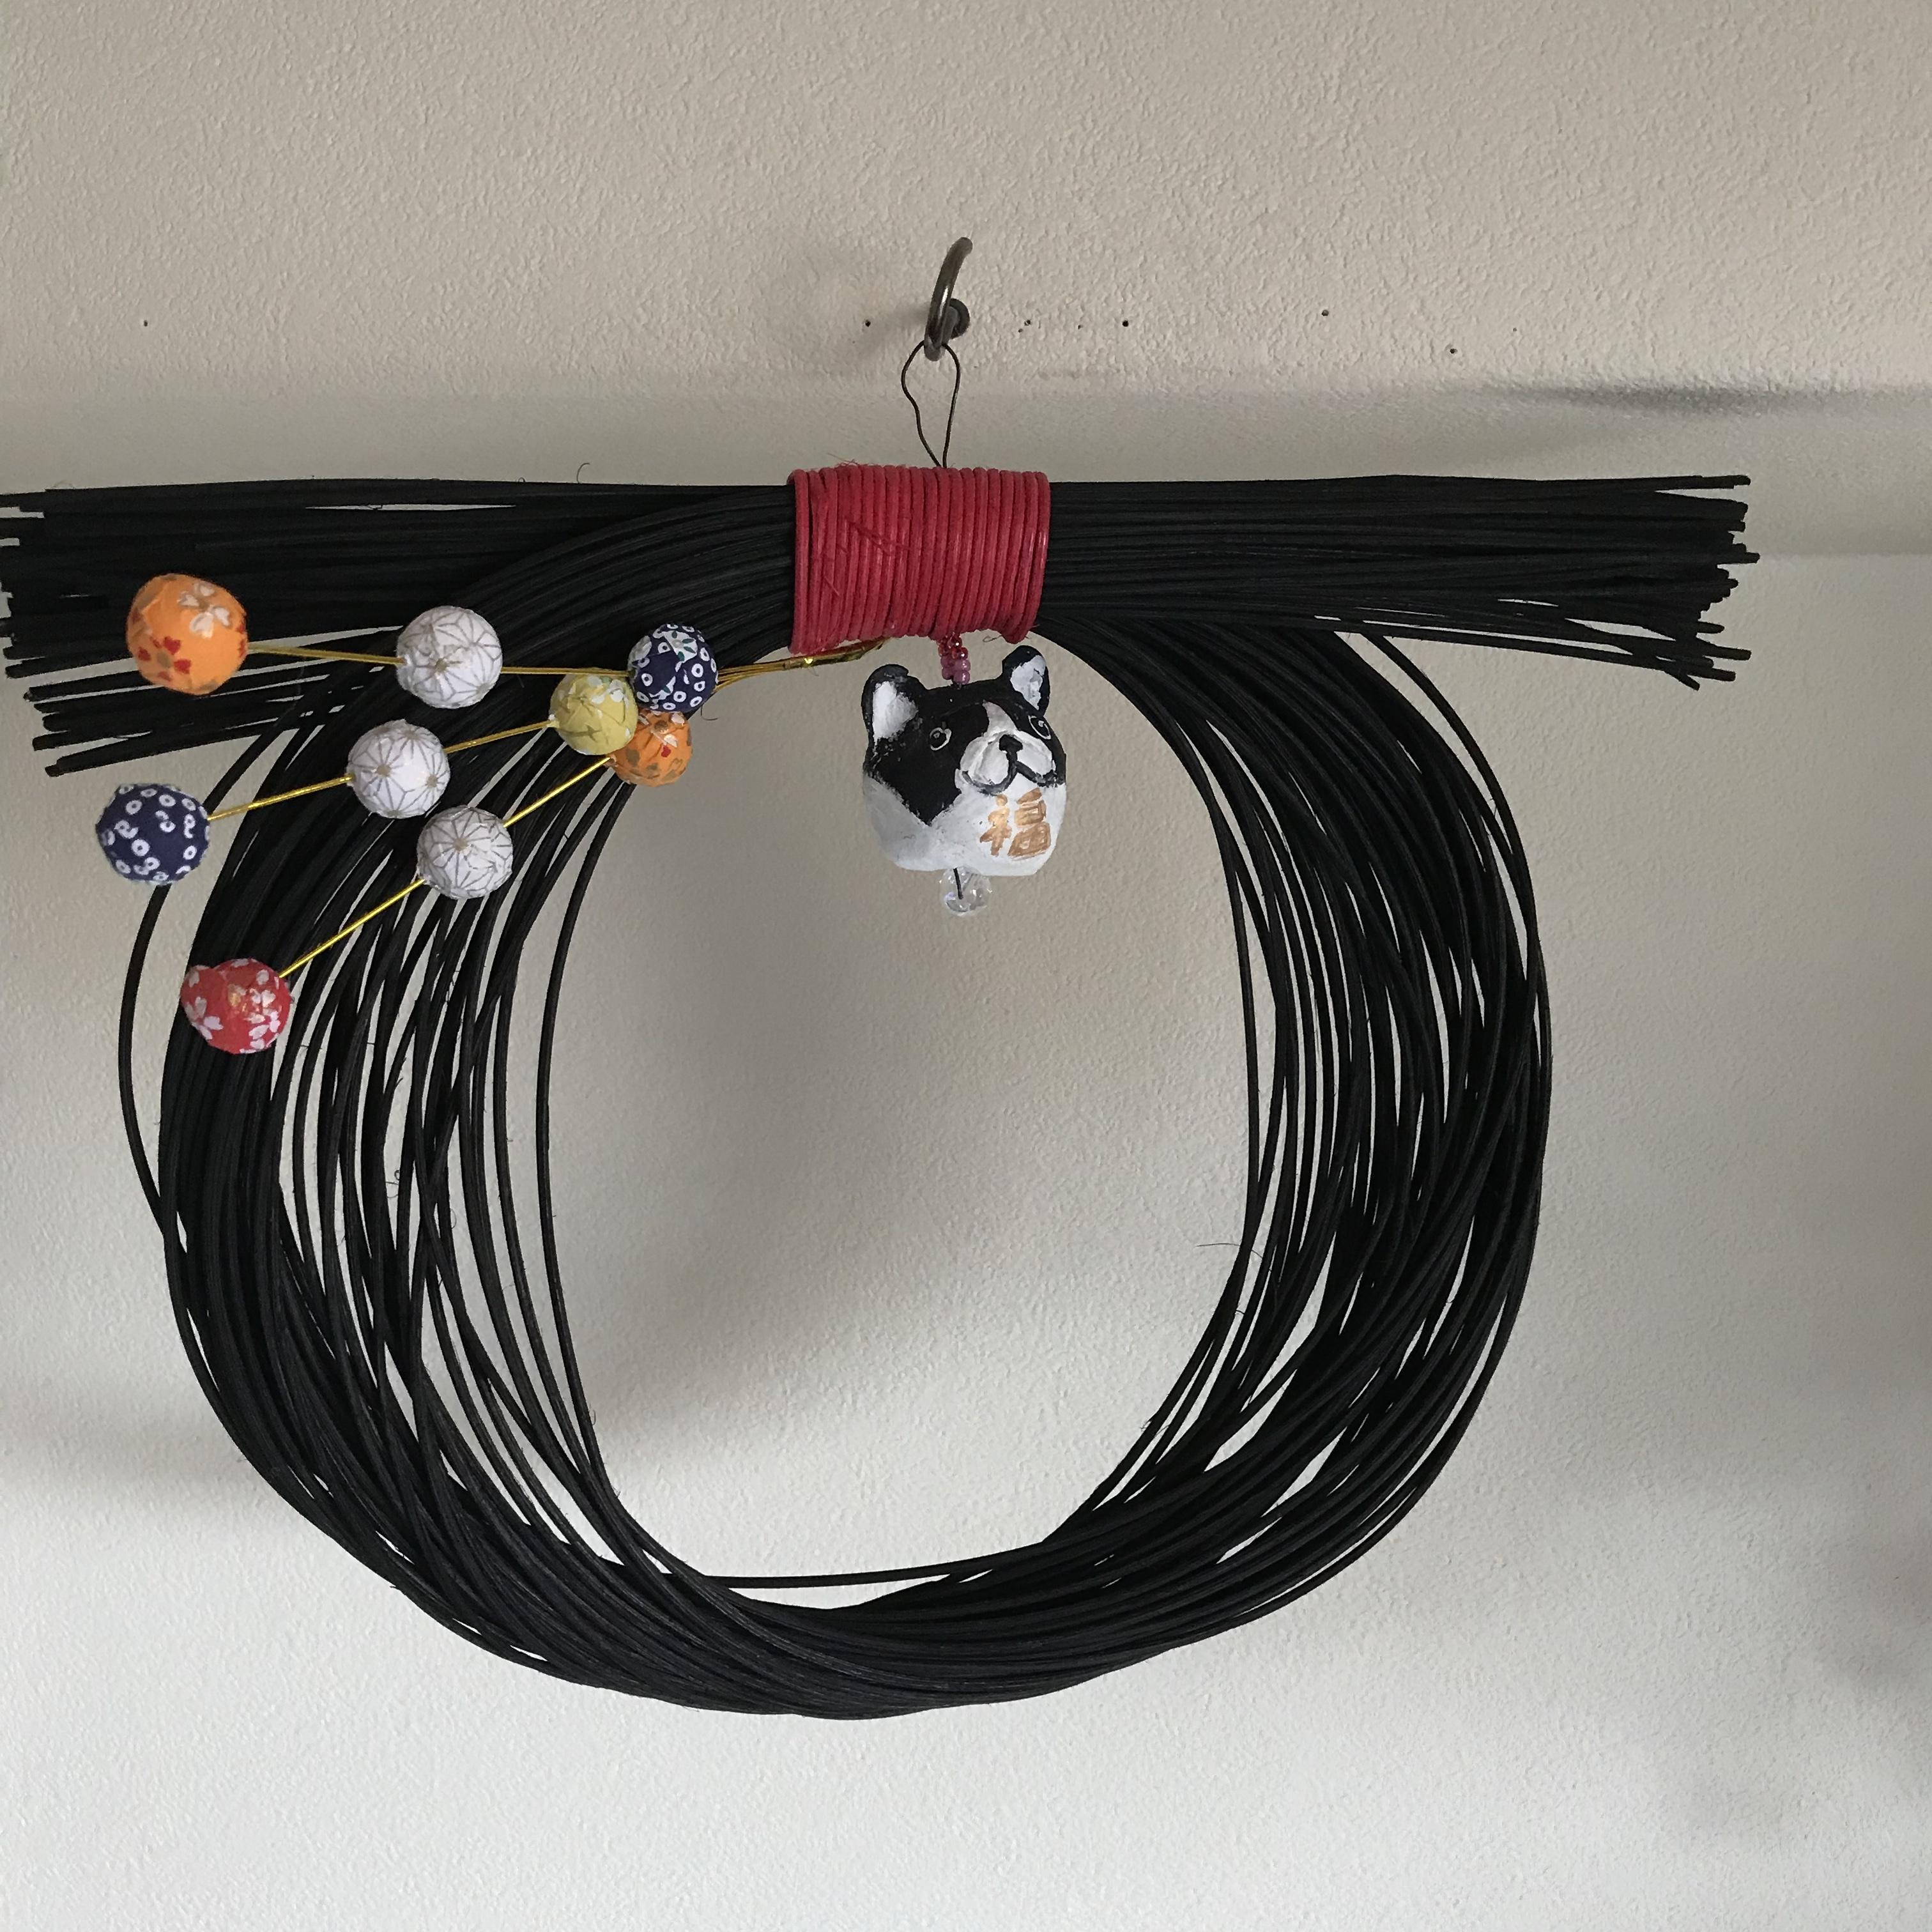 モダンBUHI正月飾り(黒)パイド